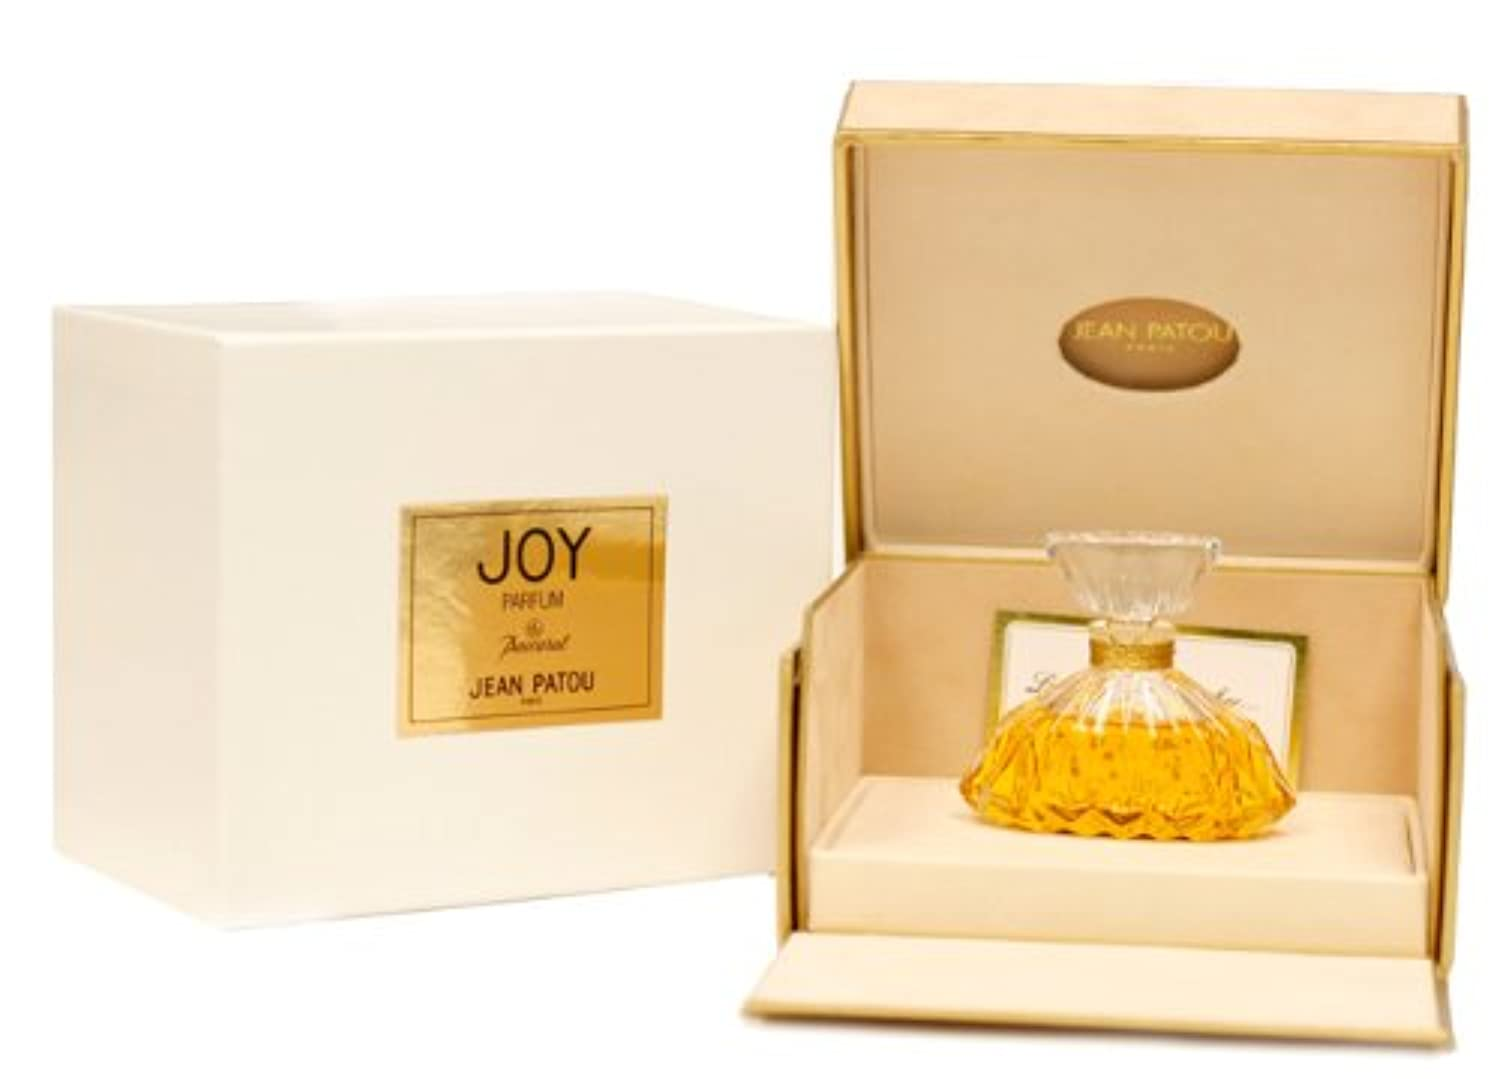 ラフ睡眠憂鬱墓Joy (ジョイ) 1.0 oz (30ml) Deluxe Pure Parfum Baccarat (純粋香水/バカラボトル入り) by Jean patou (ジャンパトウ)